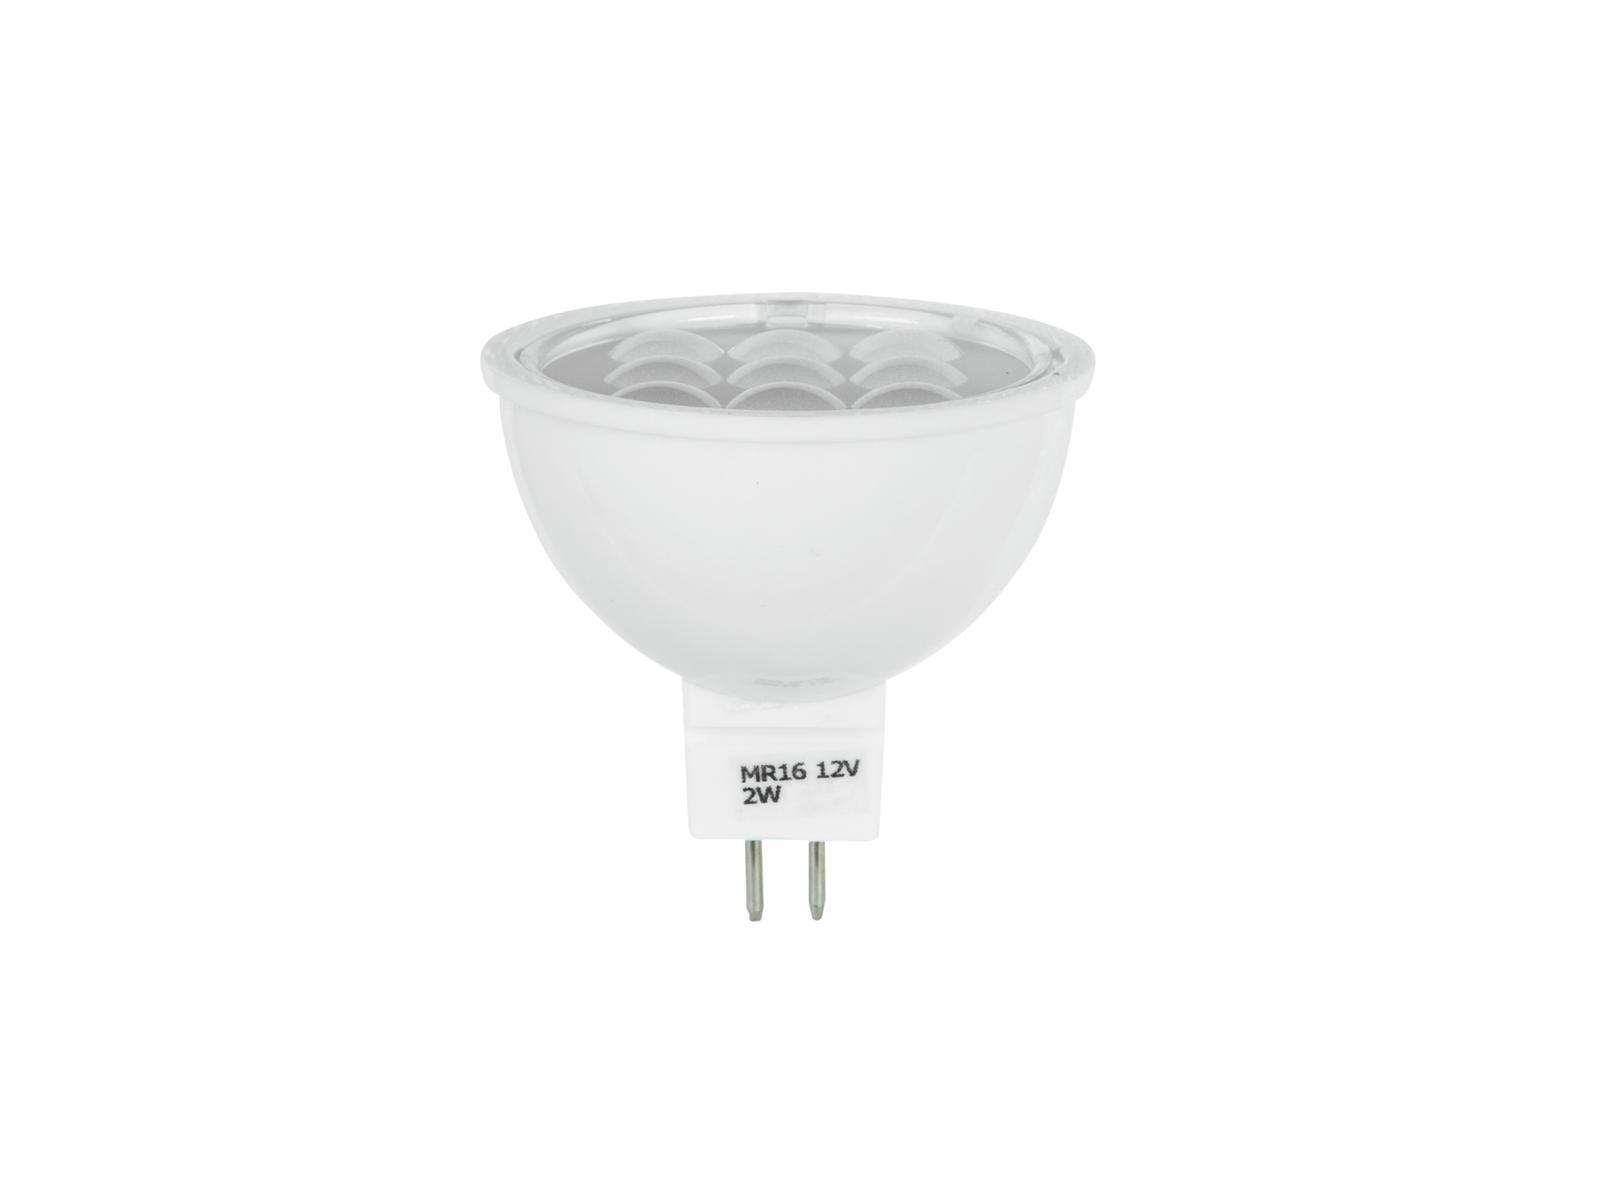 Lampada a led, luce gialla MR-16 12V GU-5.3 2W SMD OMNILUX